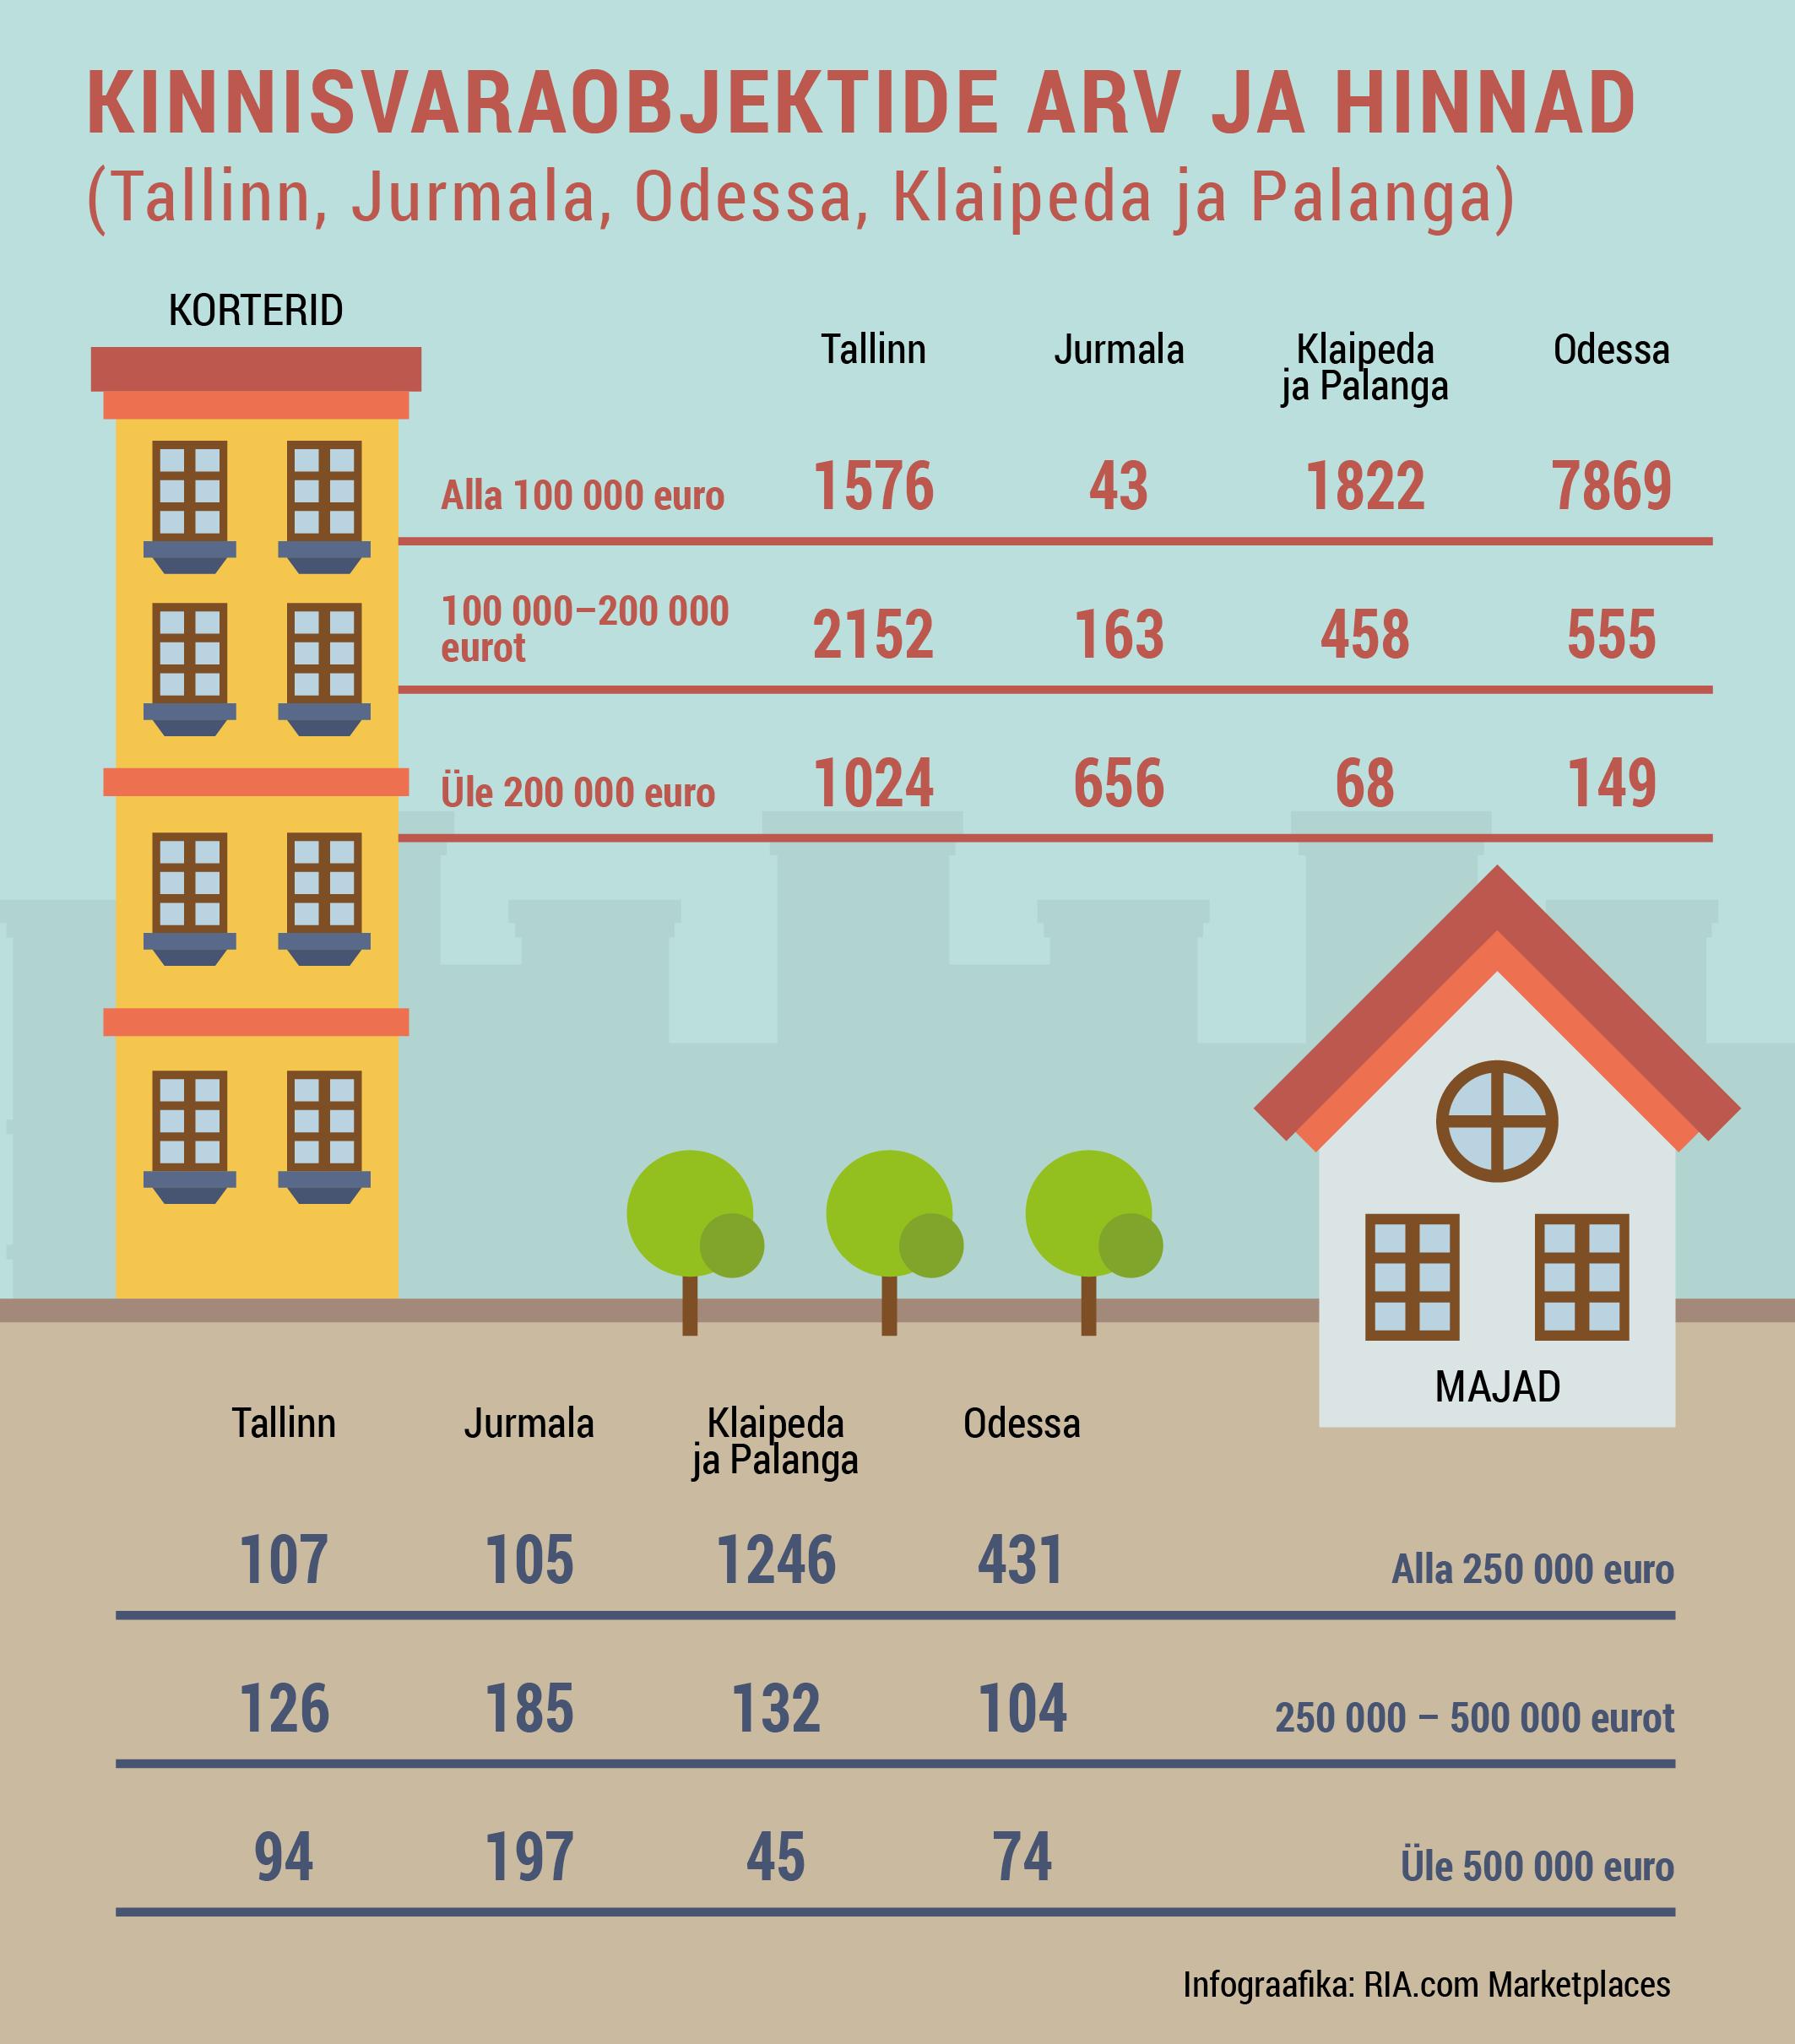 Mereäärne kinnisvara kogub Balti riikides ja Ukrainas populaarsust